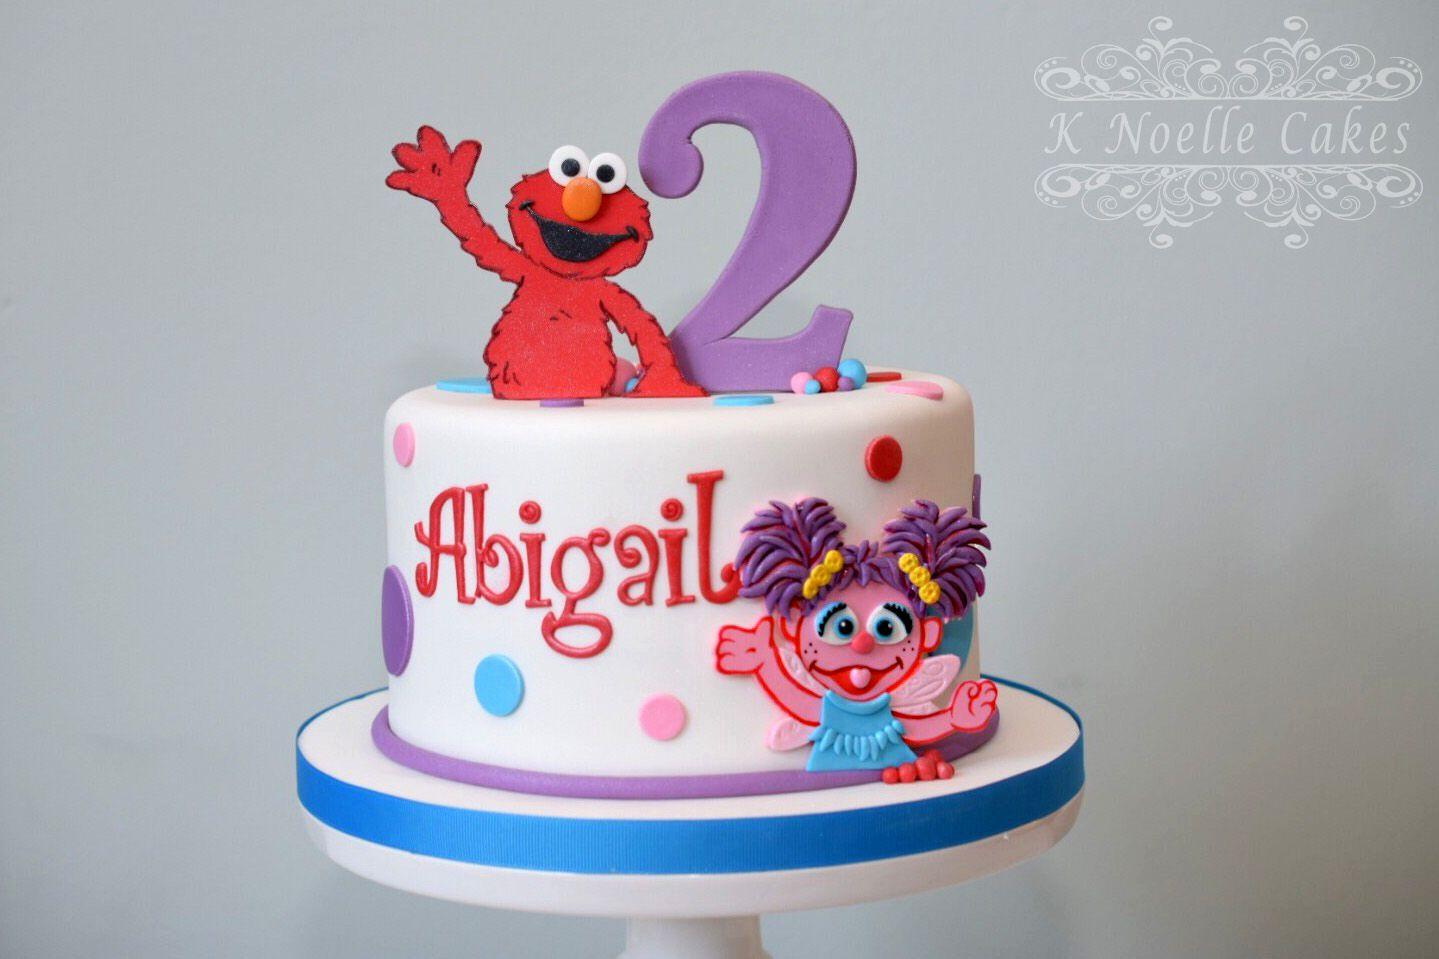 Sesame Street Elmo Amp Abby Cake By K Noelle Cakes Cakes